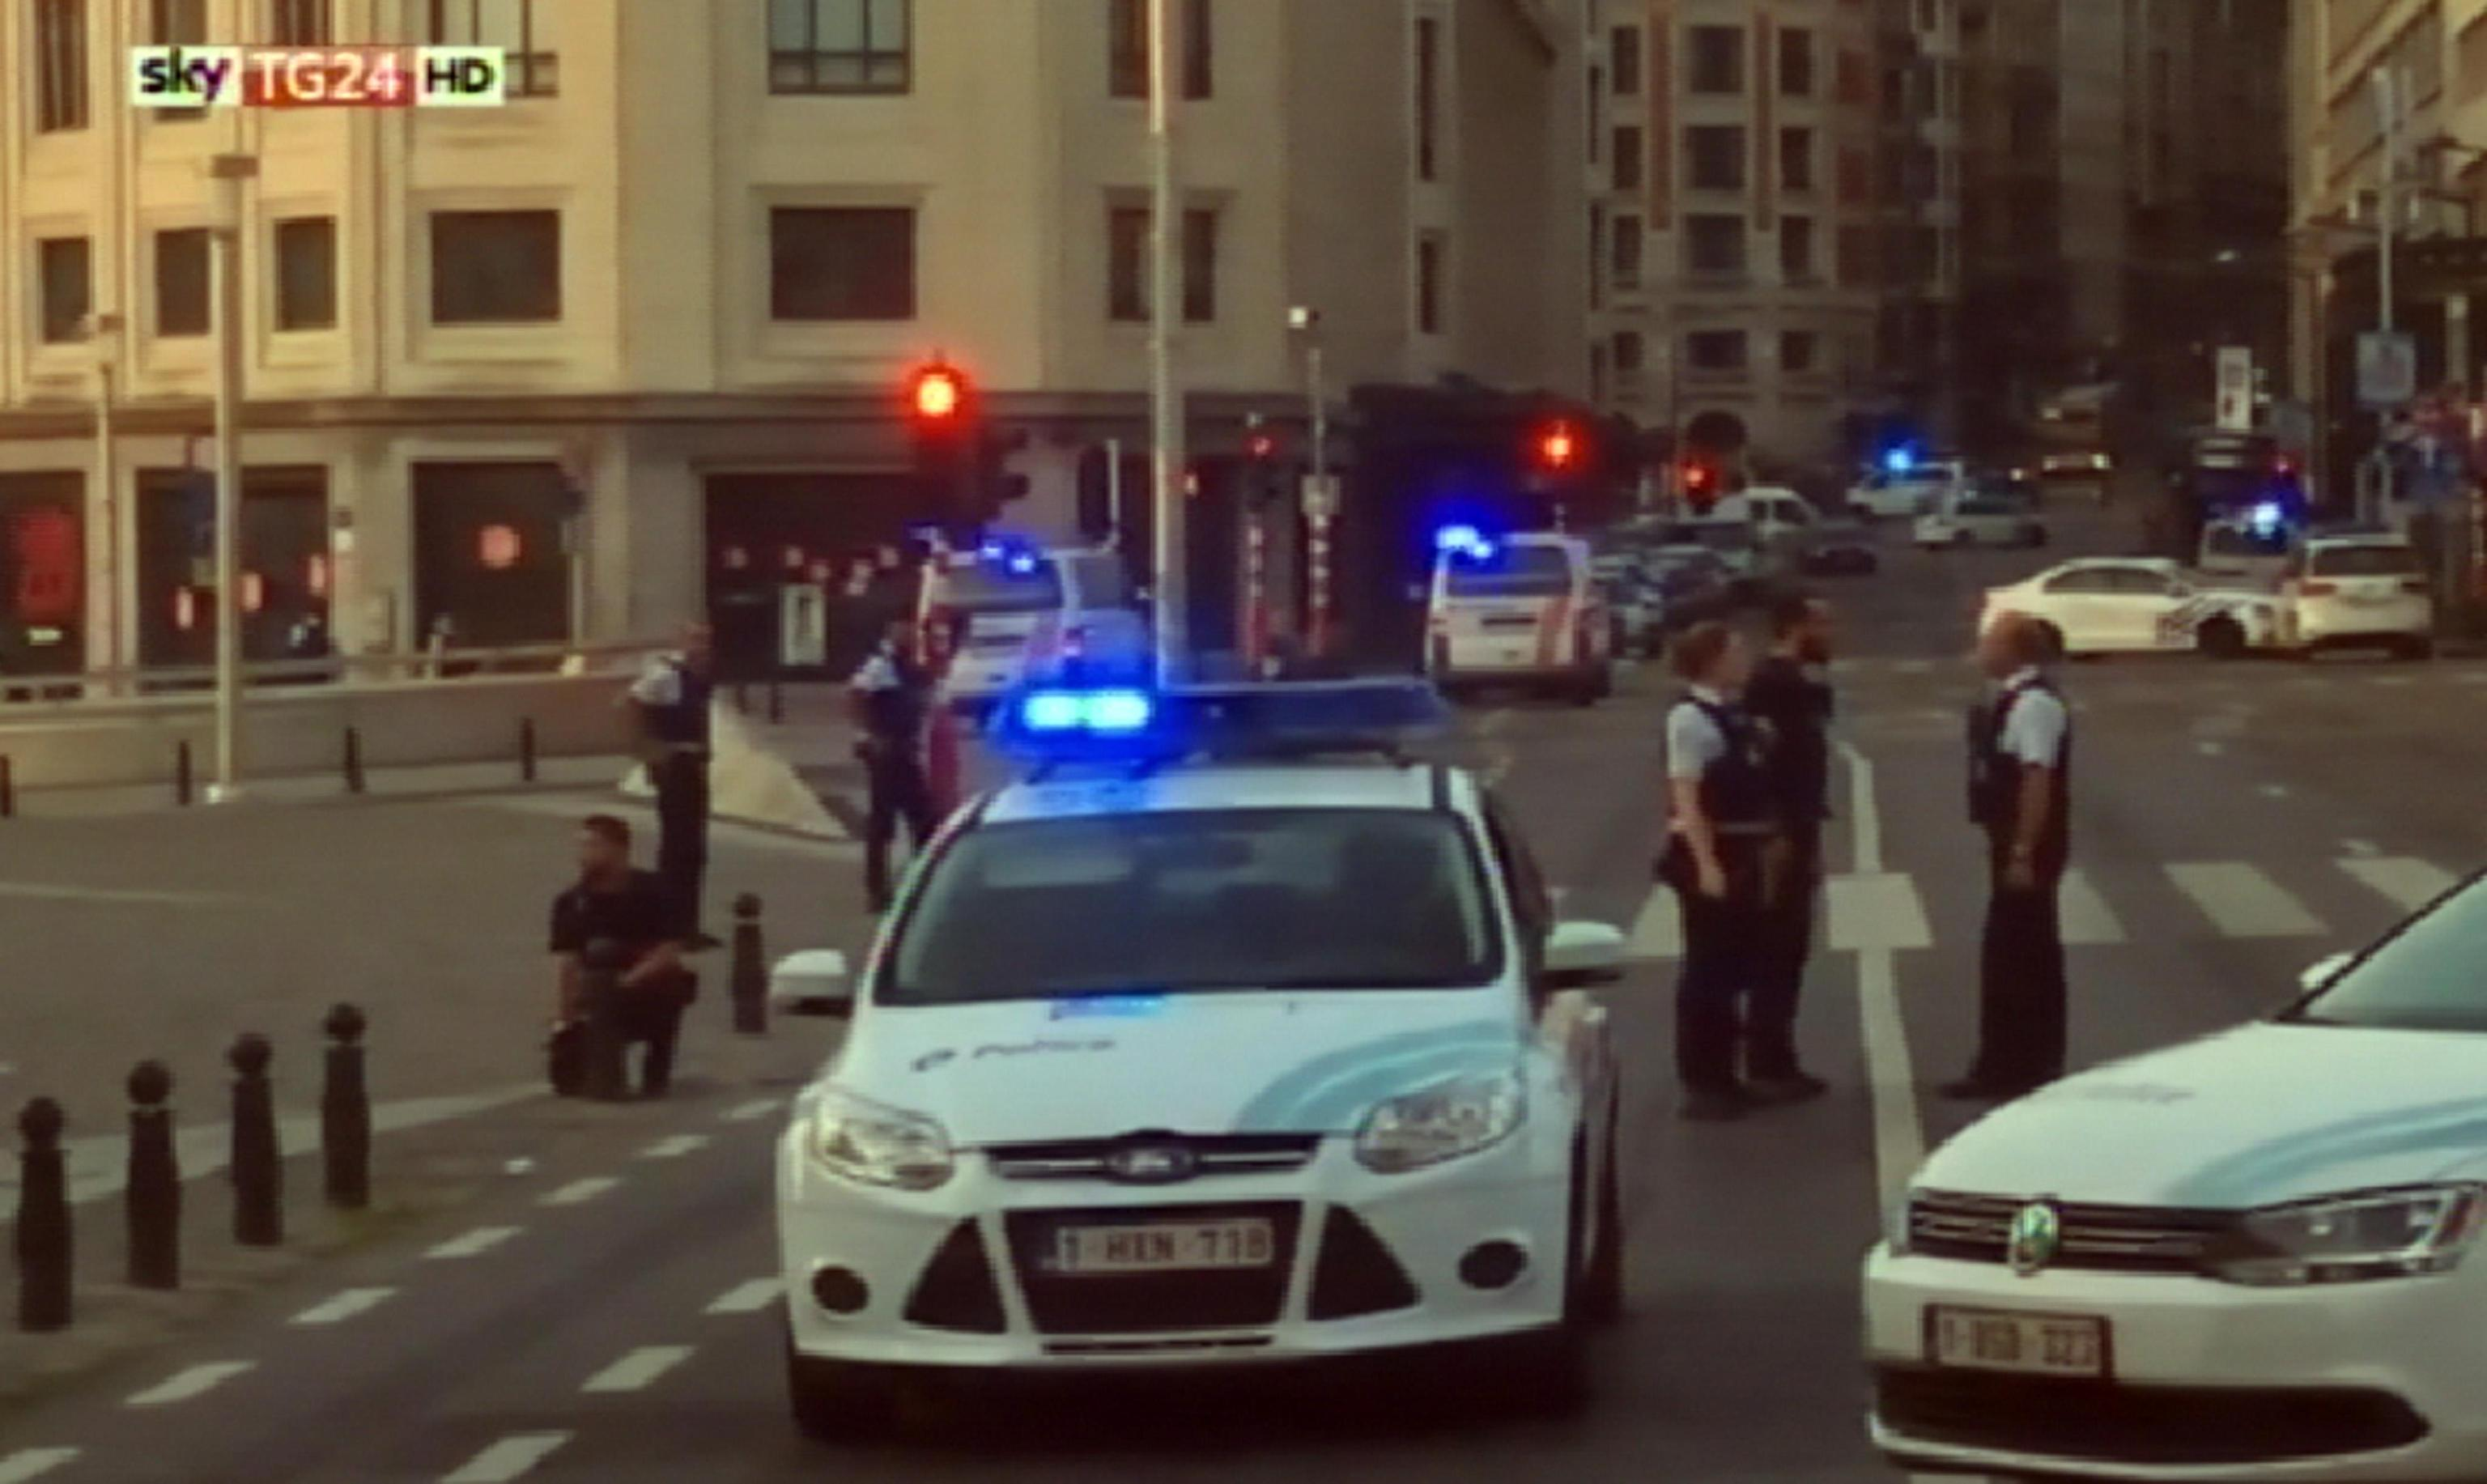 ++ Attentato a Bruxelles, morto presunto terrorista ++